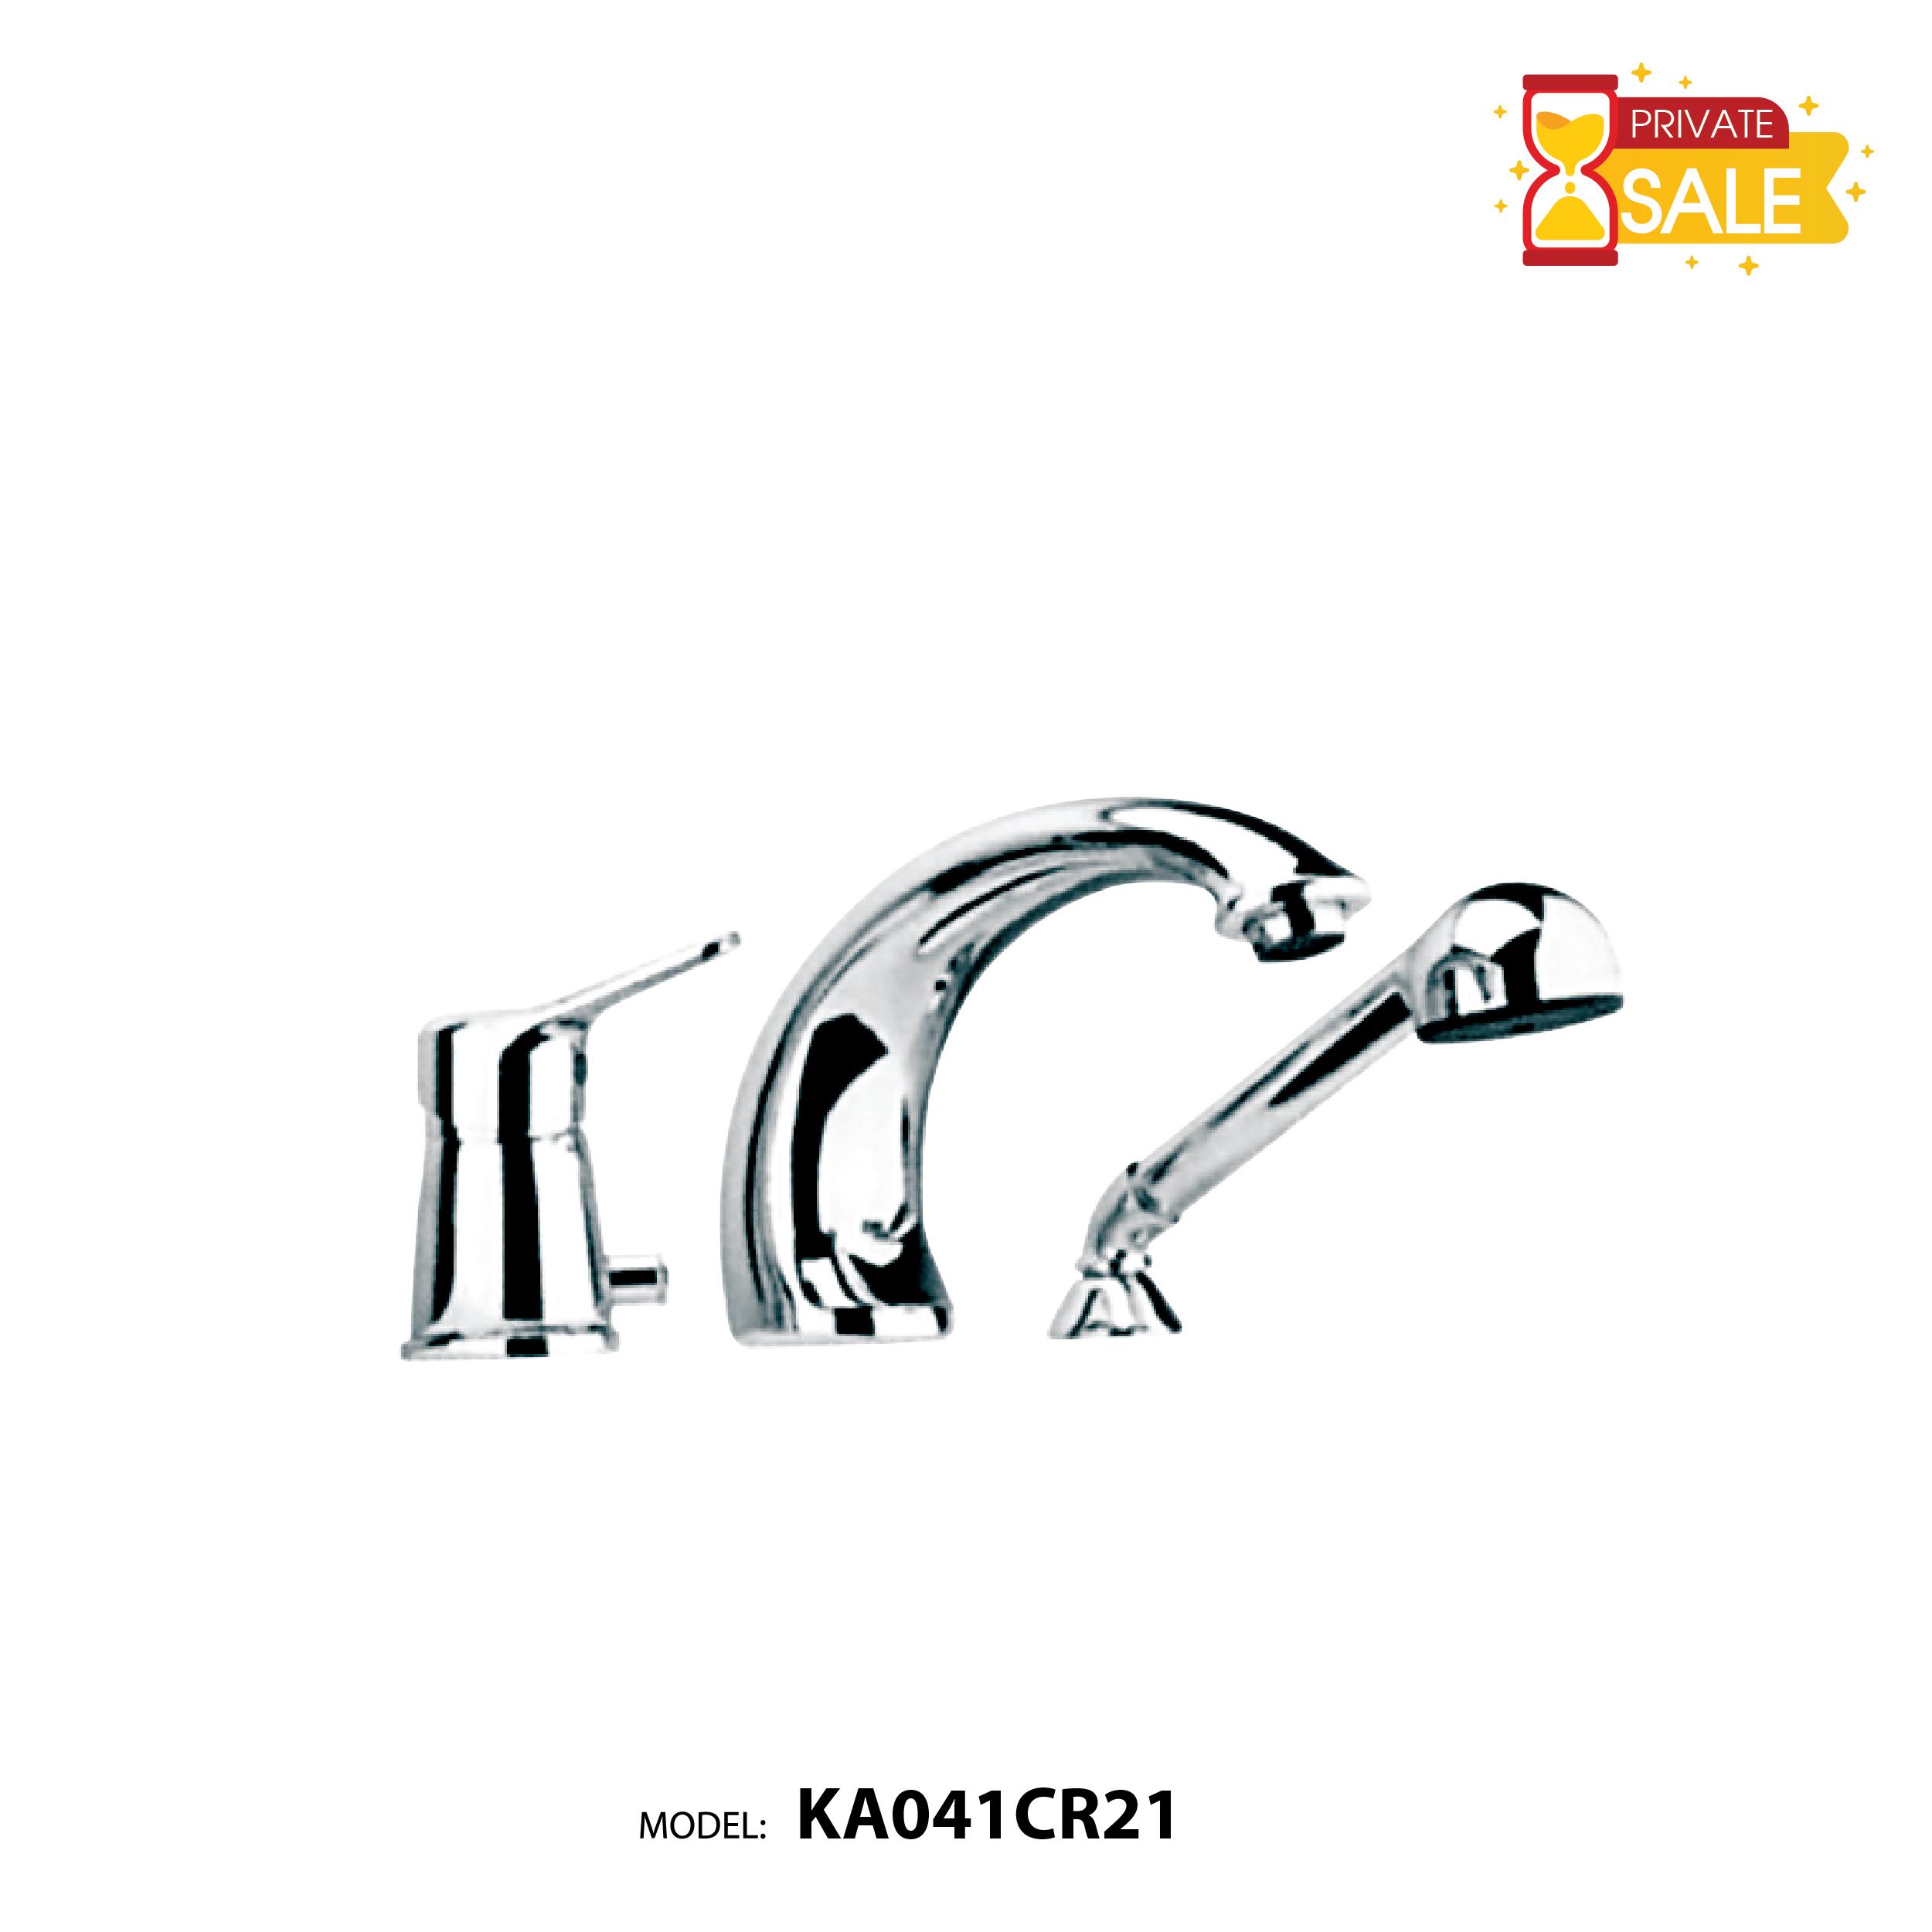 VÒI BỒN TẮM NÓNG LẠNH PAFFONI KA041CR21(Vòi bồn tắm model: KA041CR21)